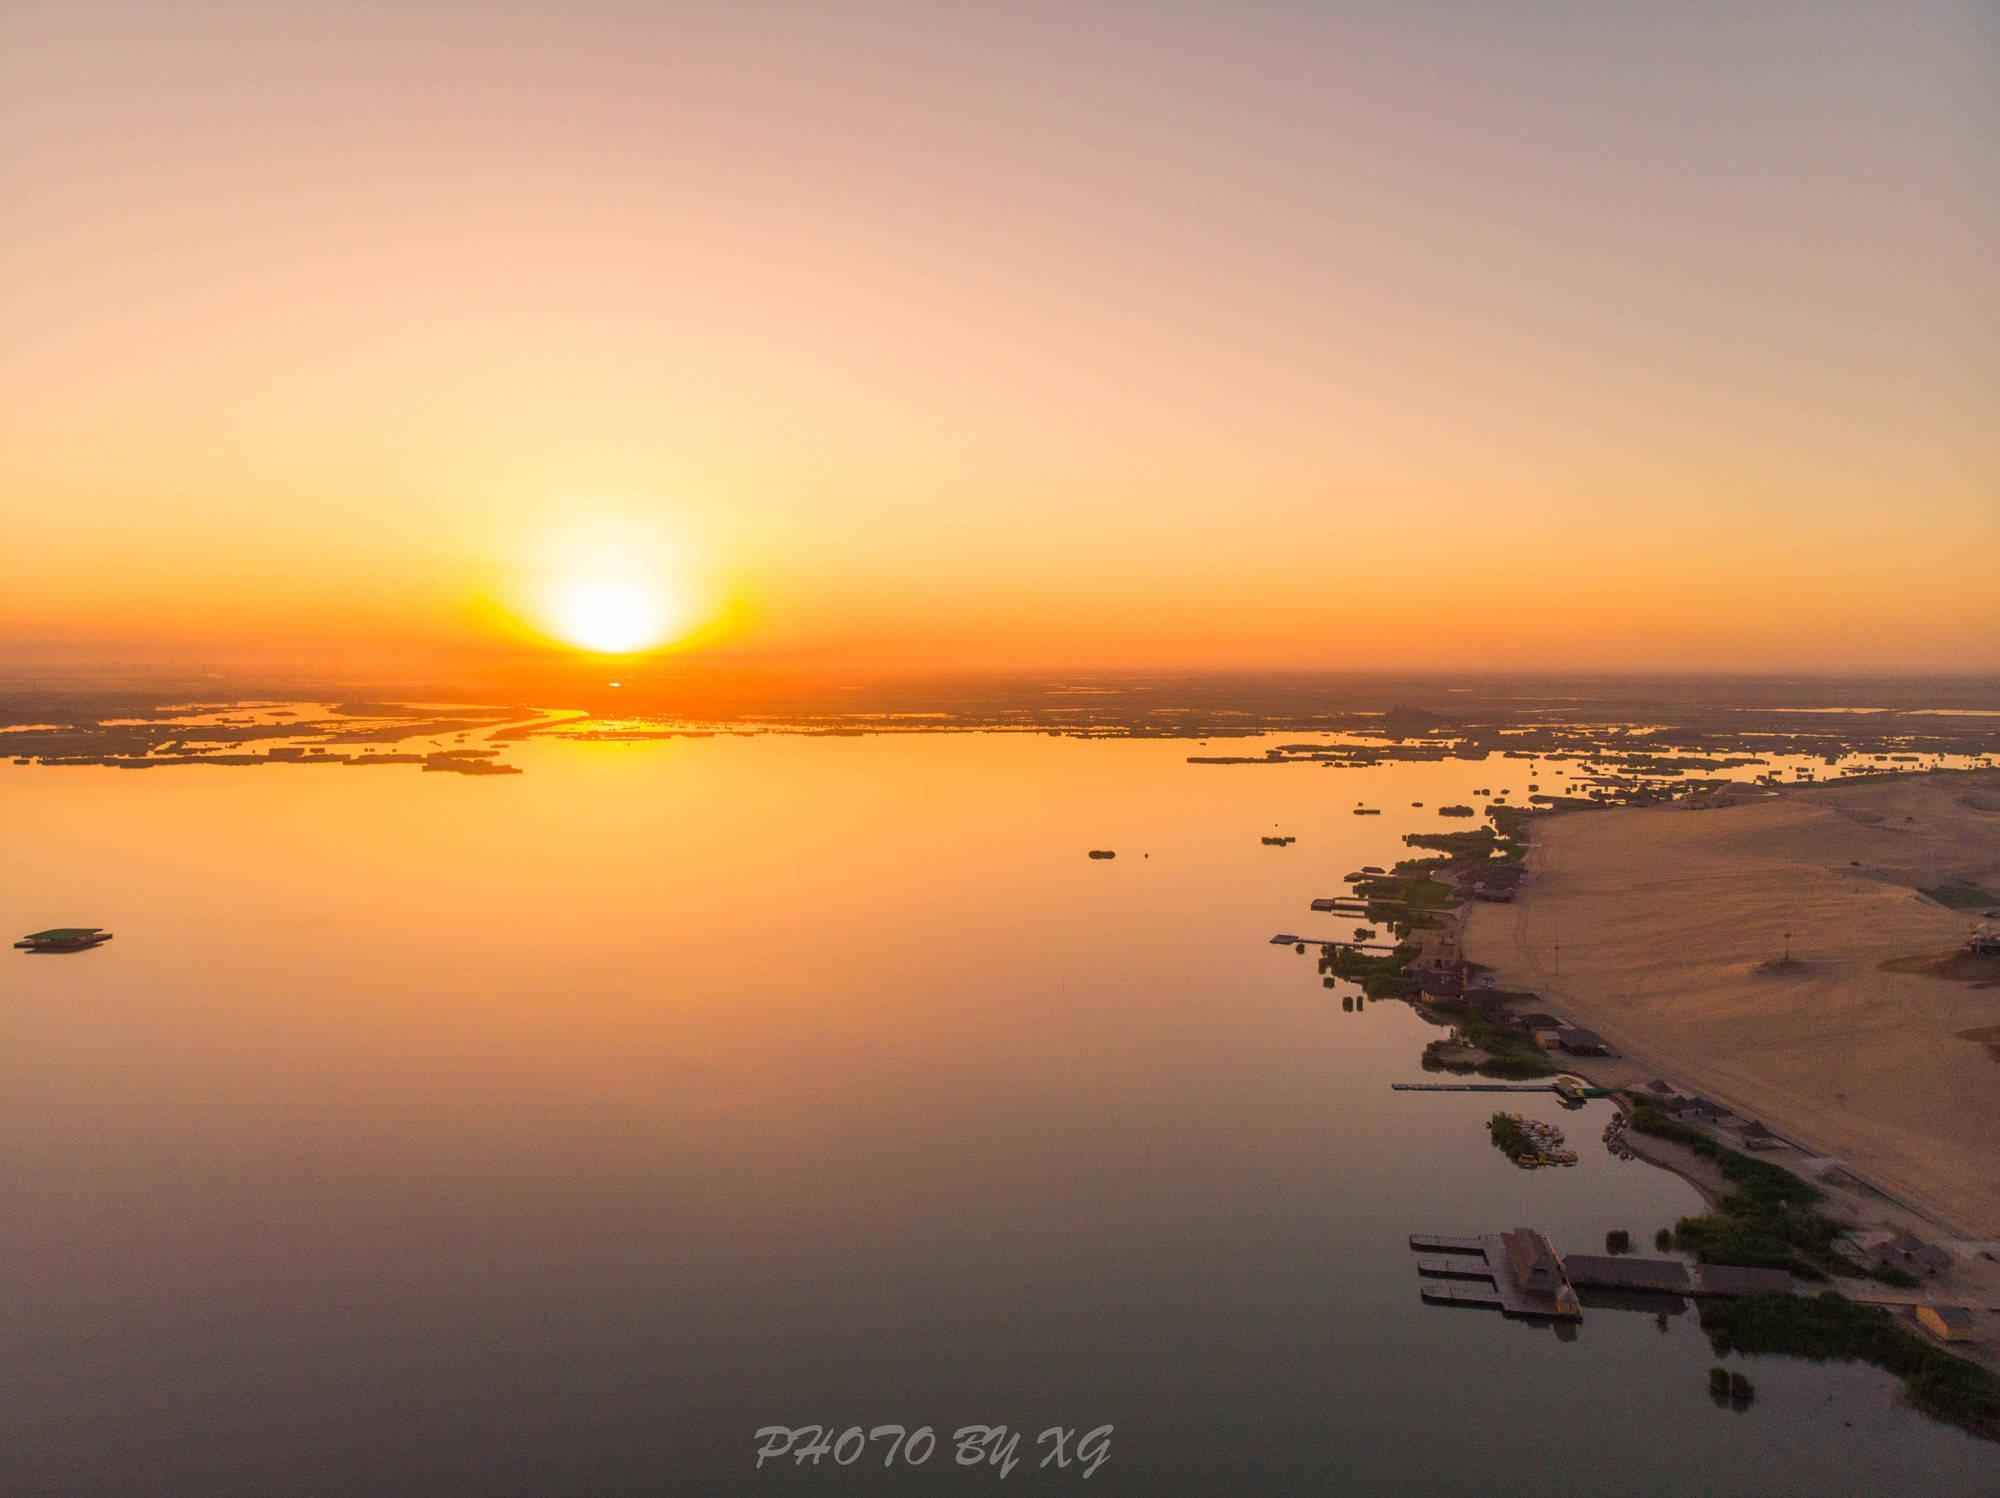 中国最受欢迎的旅游目的地之一,沙漠与湿地的完